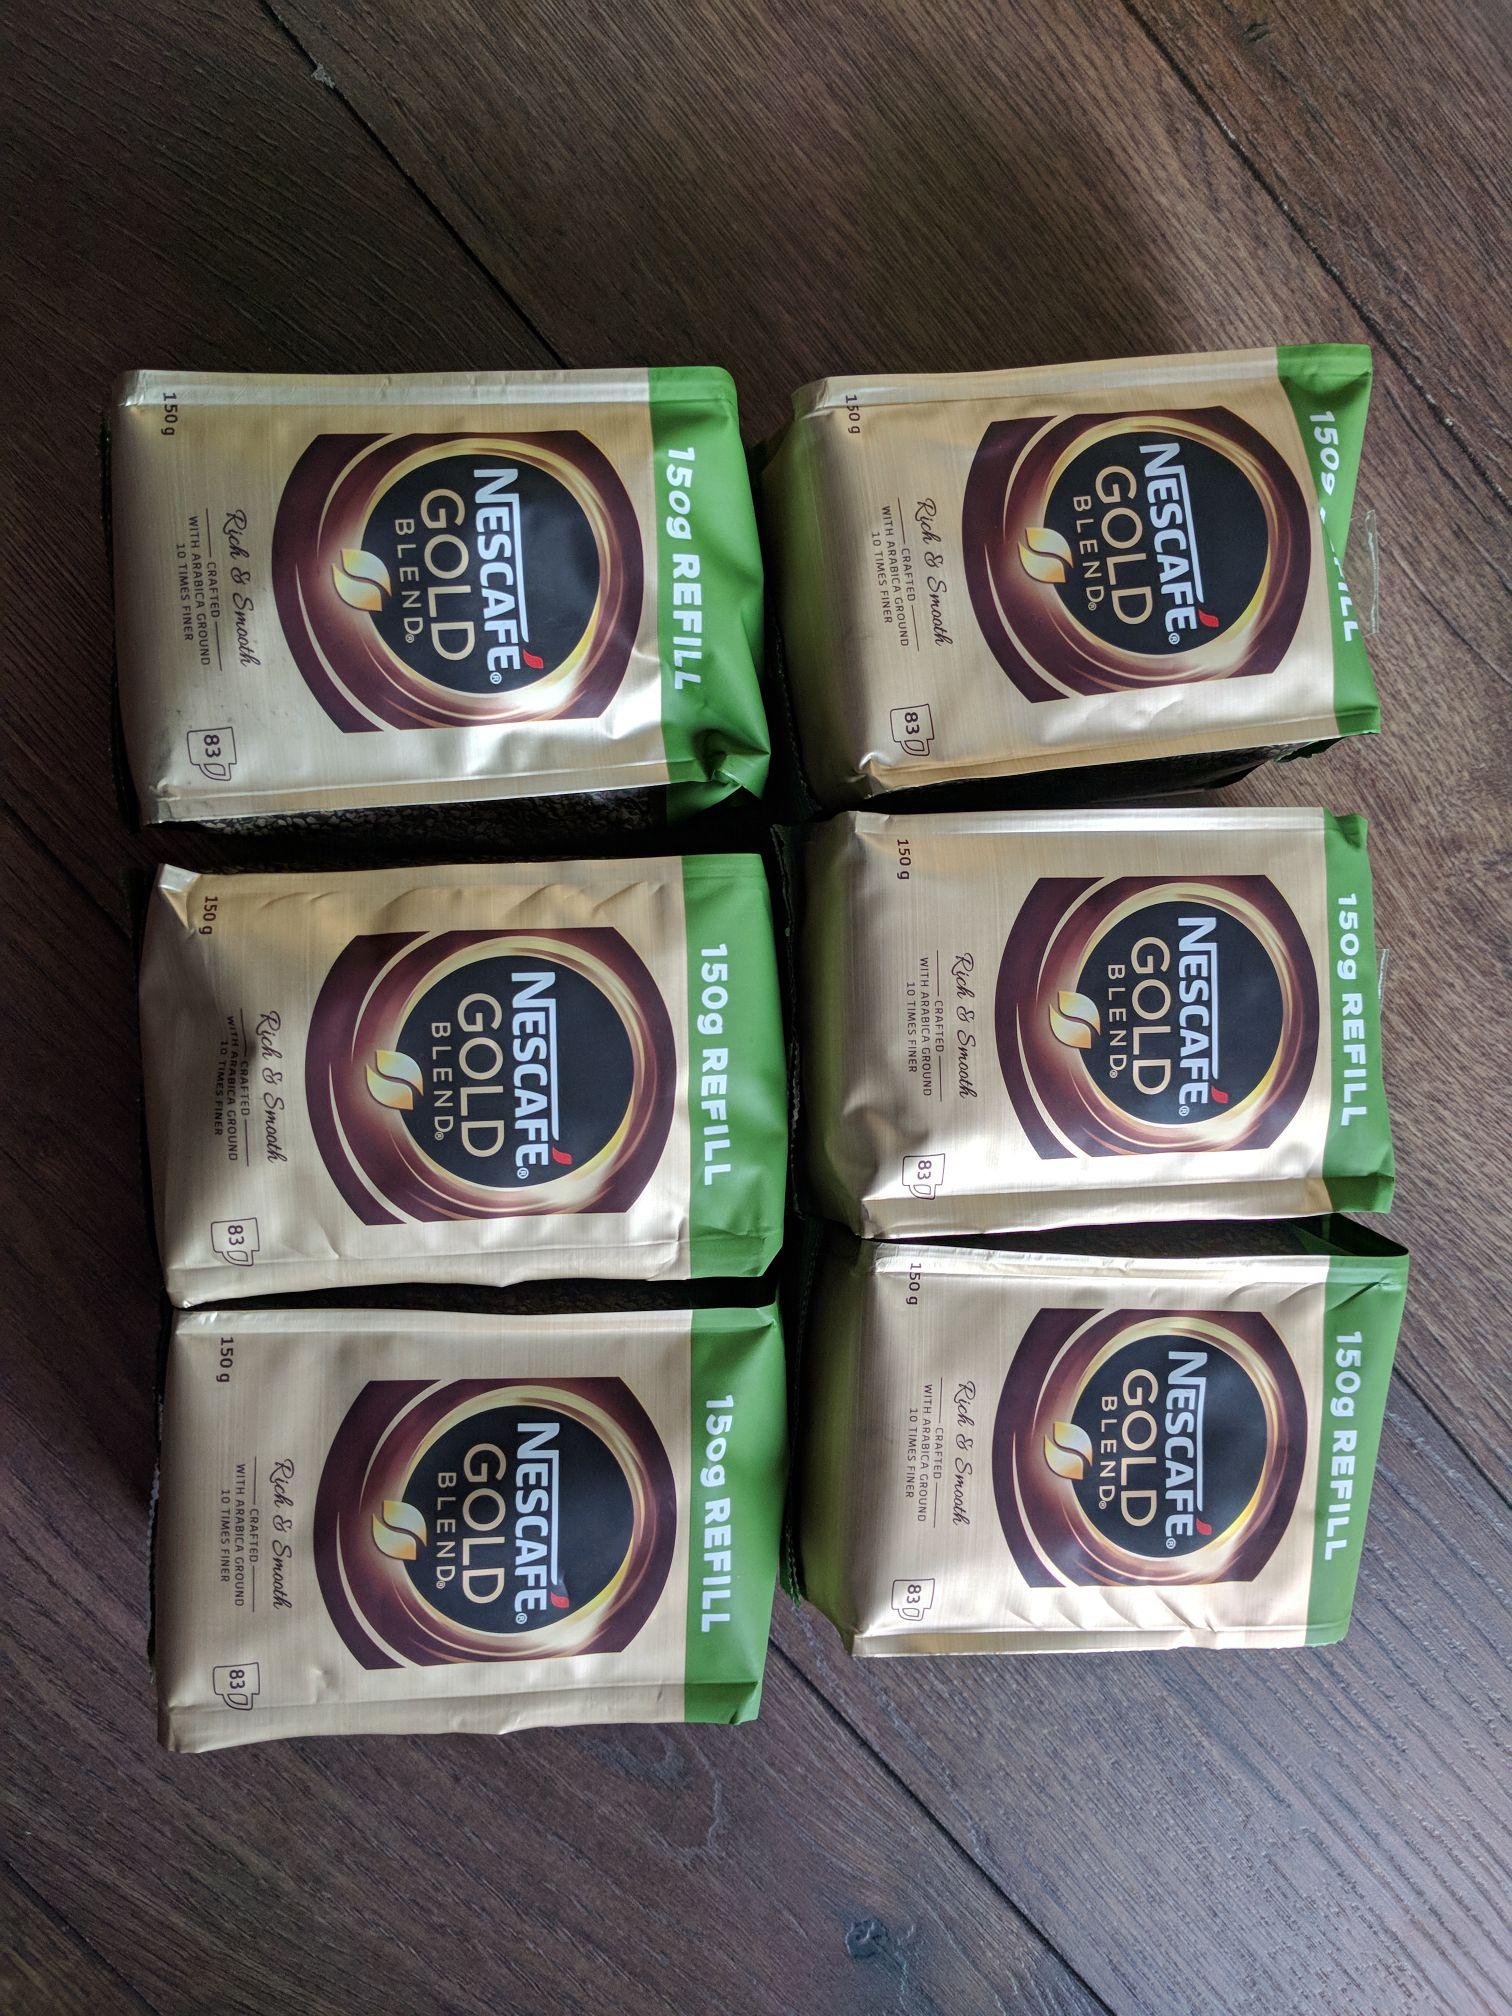 Nescafe Gold Blend 150g £3 @ Tesco instore